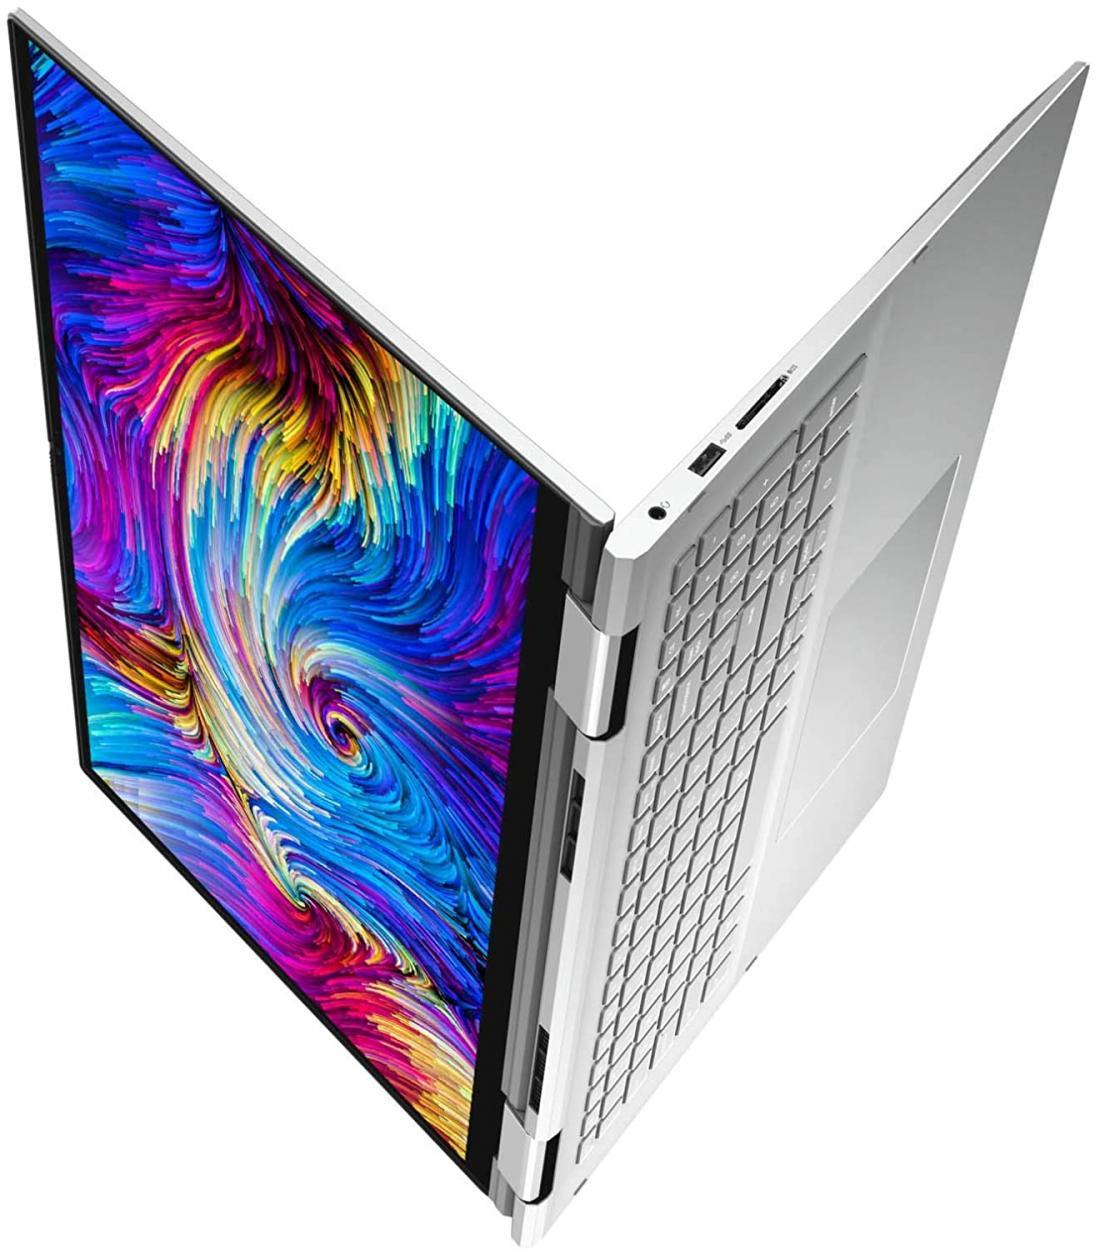 Ordinateur portable Dell Inspiron 17 7706-812 2-en-1 Gris - i5 Iris Xe, SSD 512 Go - photo 4